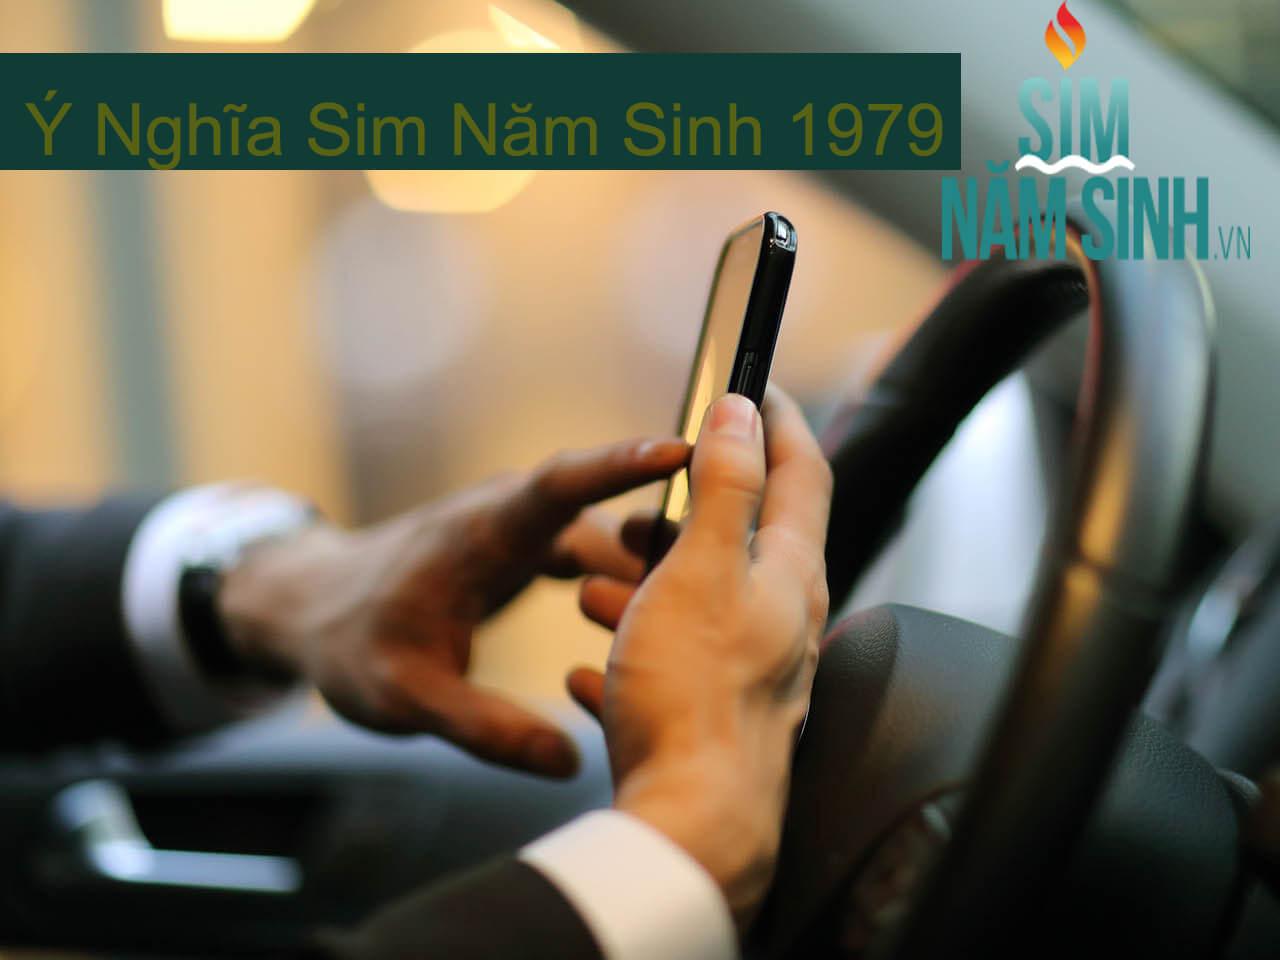 y-nghia-sim-nam-sinh-1979-1